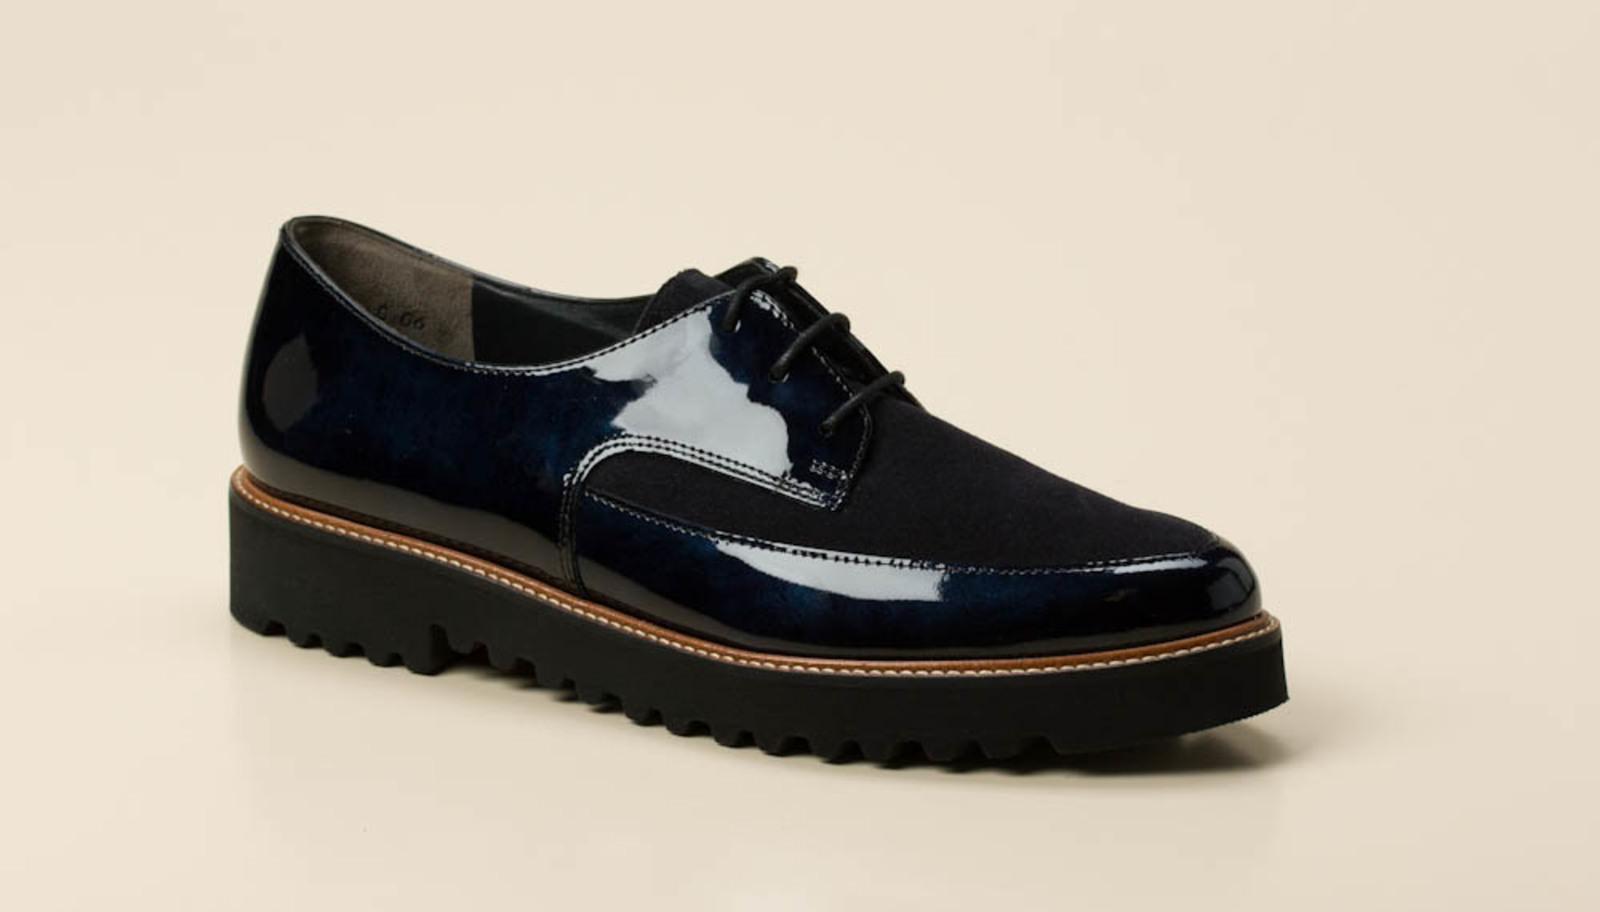 Paul Green Damen Schnürschuh in dunkelblau kaufen   Zumnorde Online-Shop 5219c16c0e